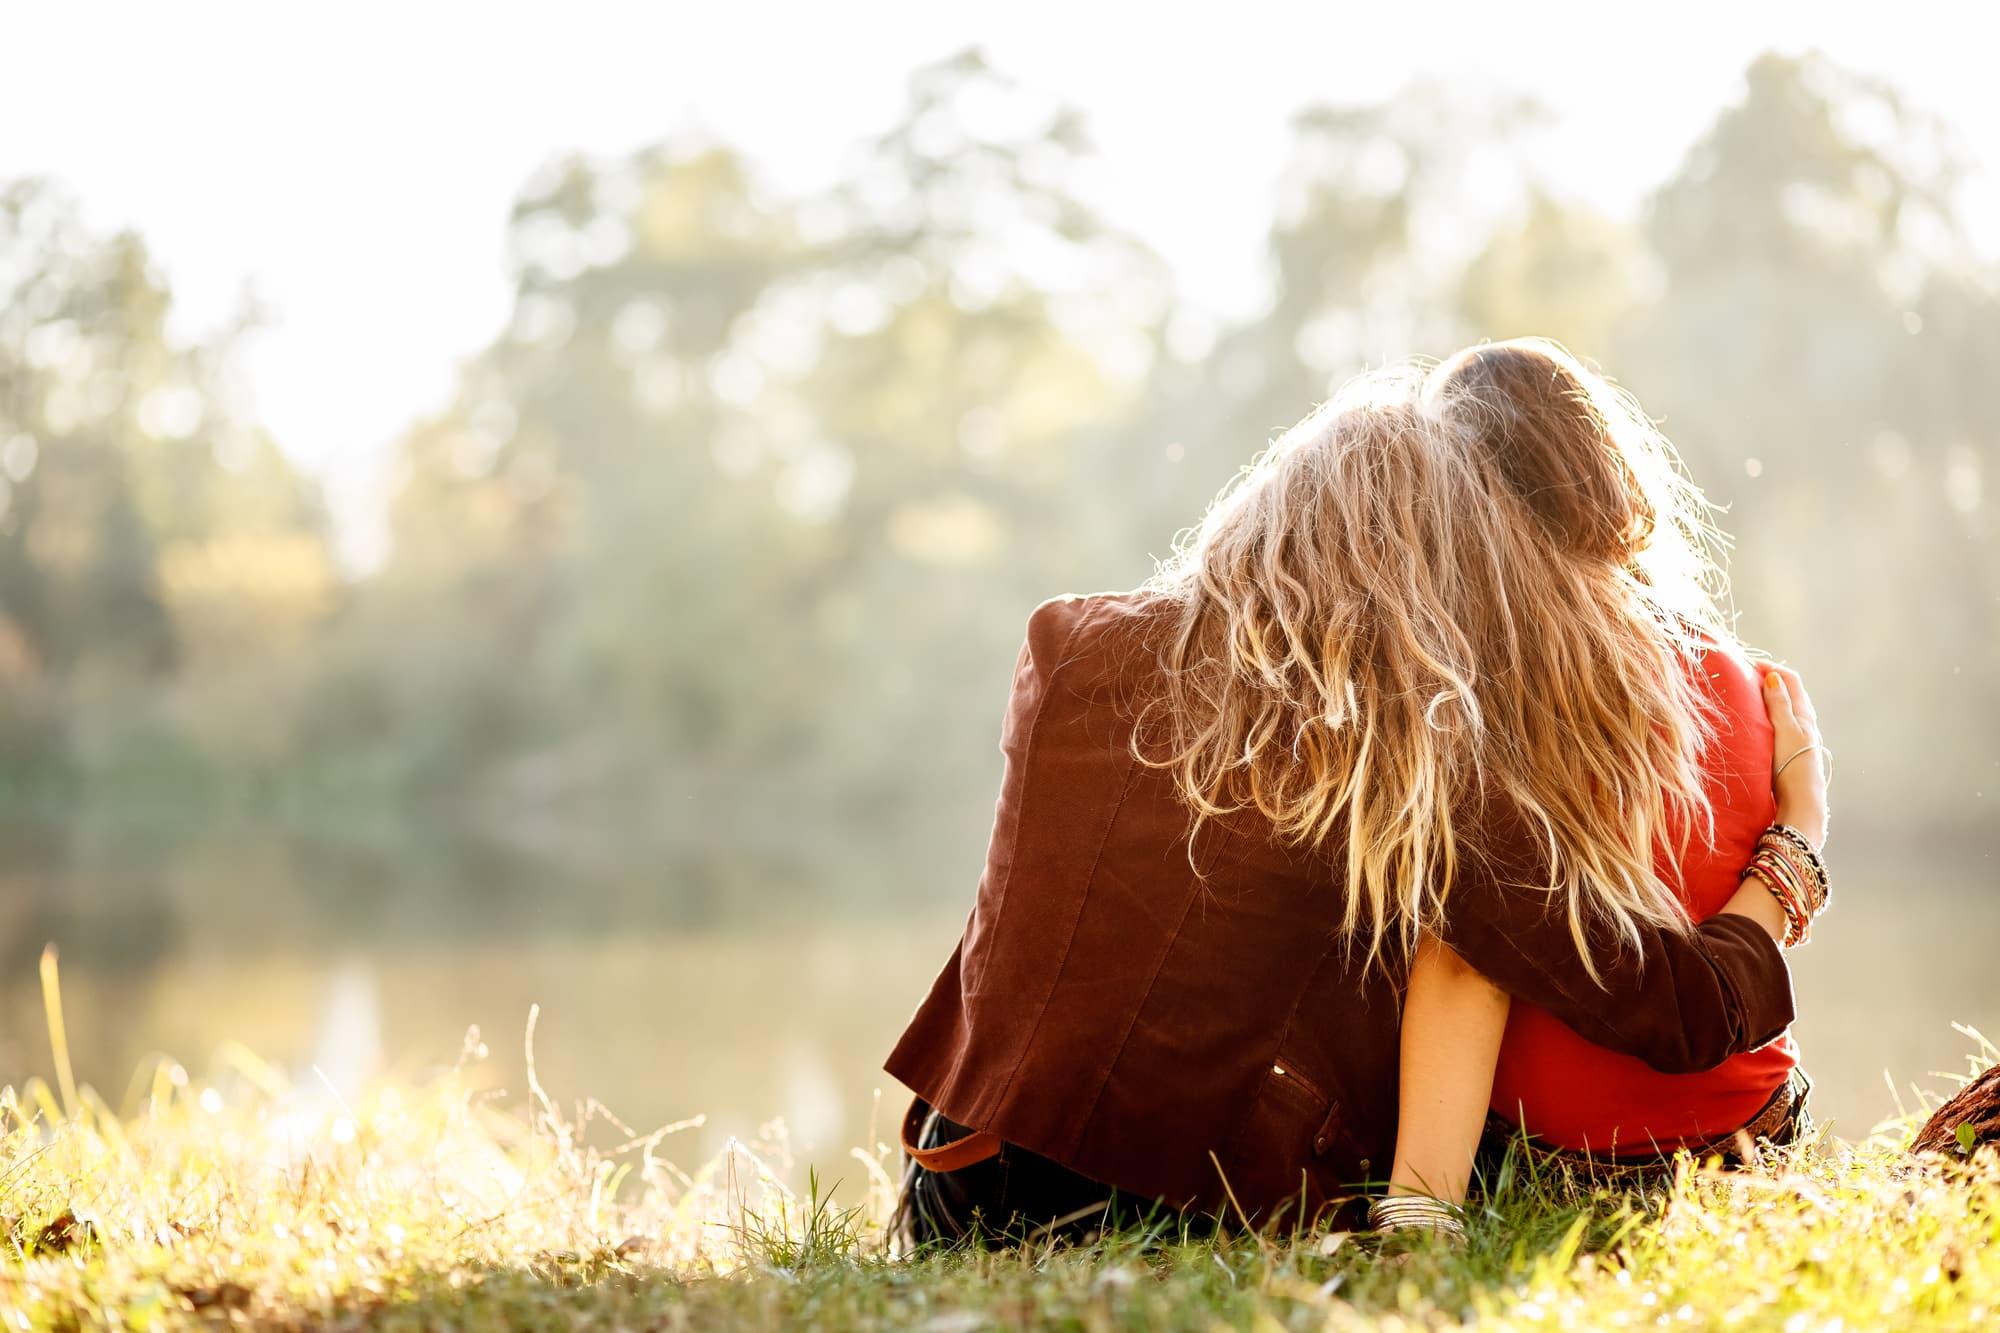 Freundschaft für süße texte Süße Texte